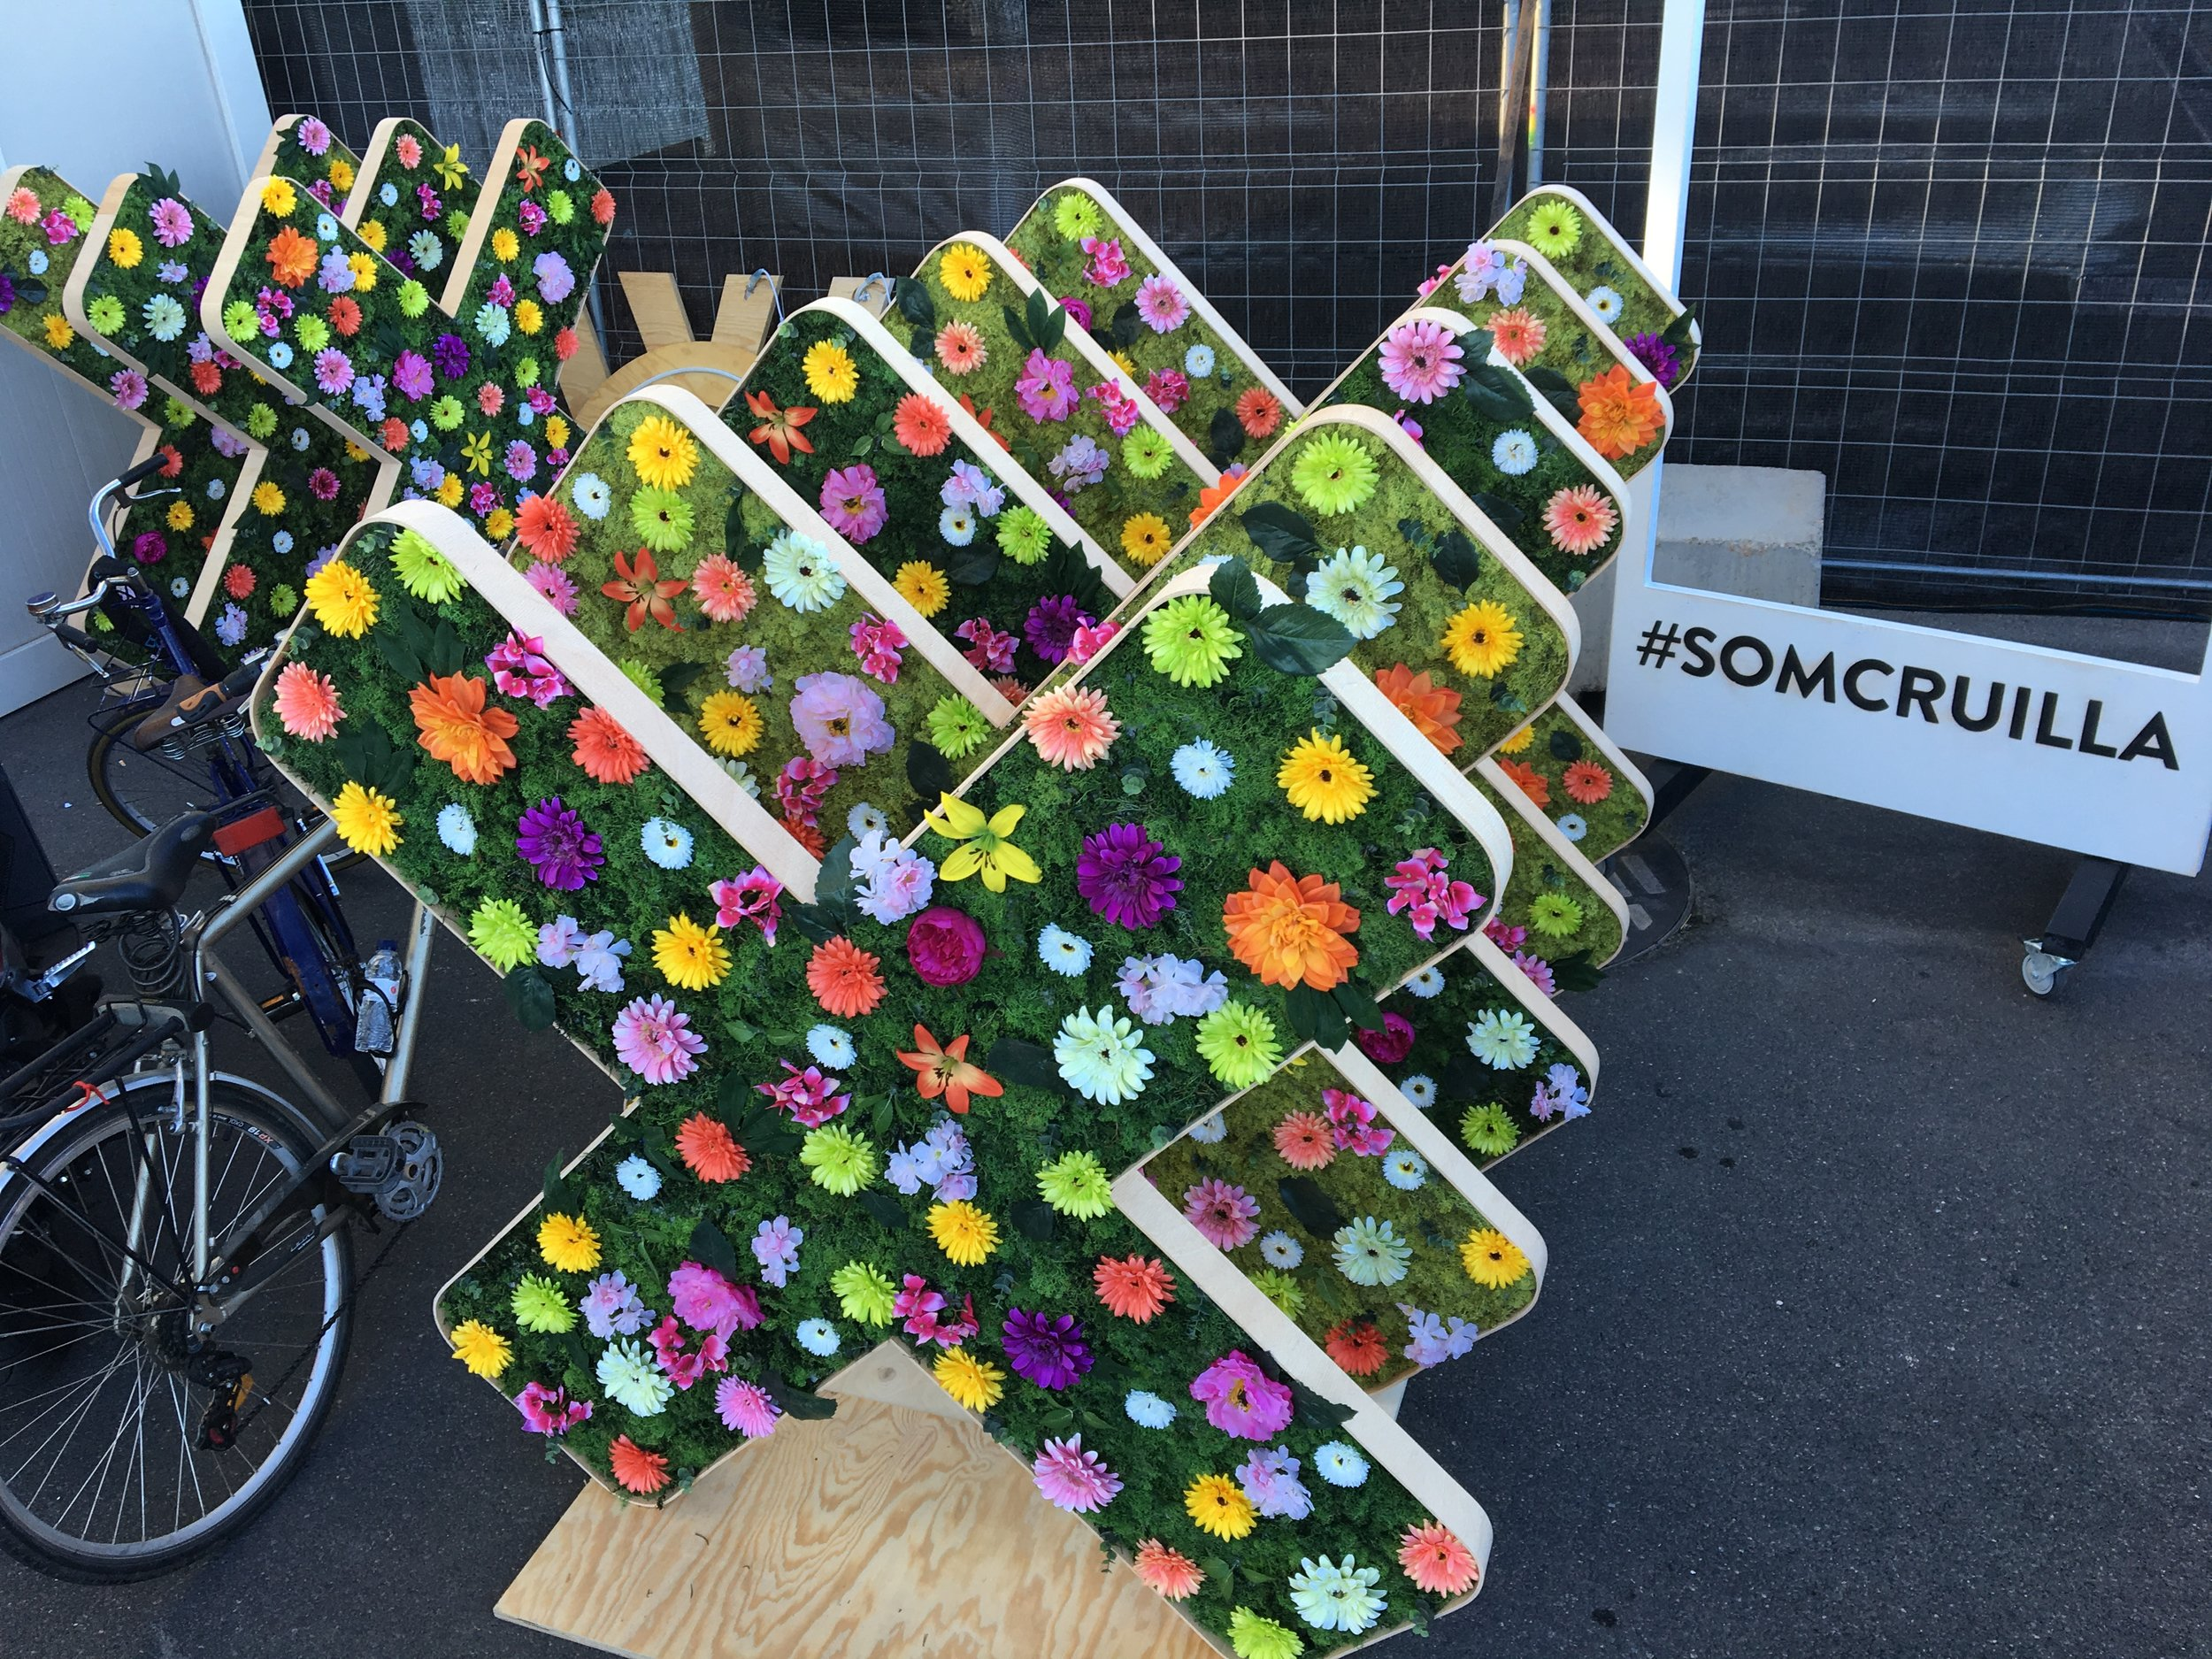 cruilla-festivales-flores-27lletres.jpeg